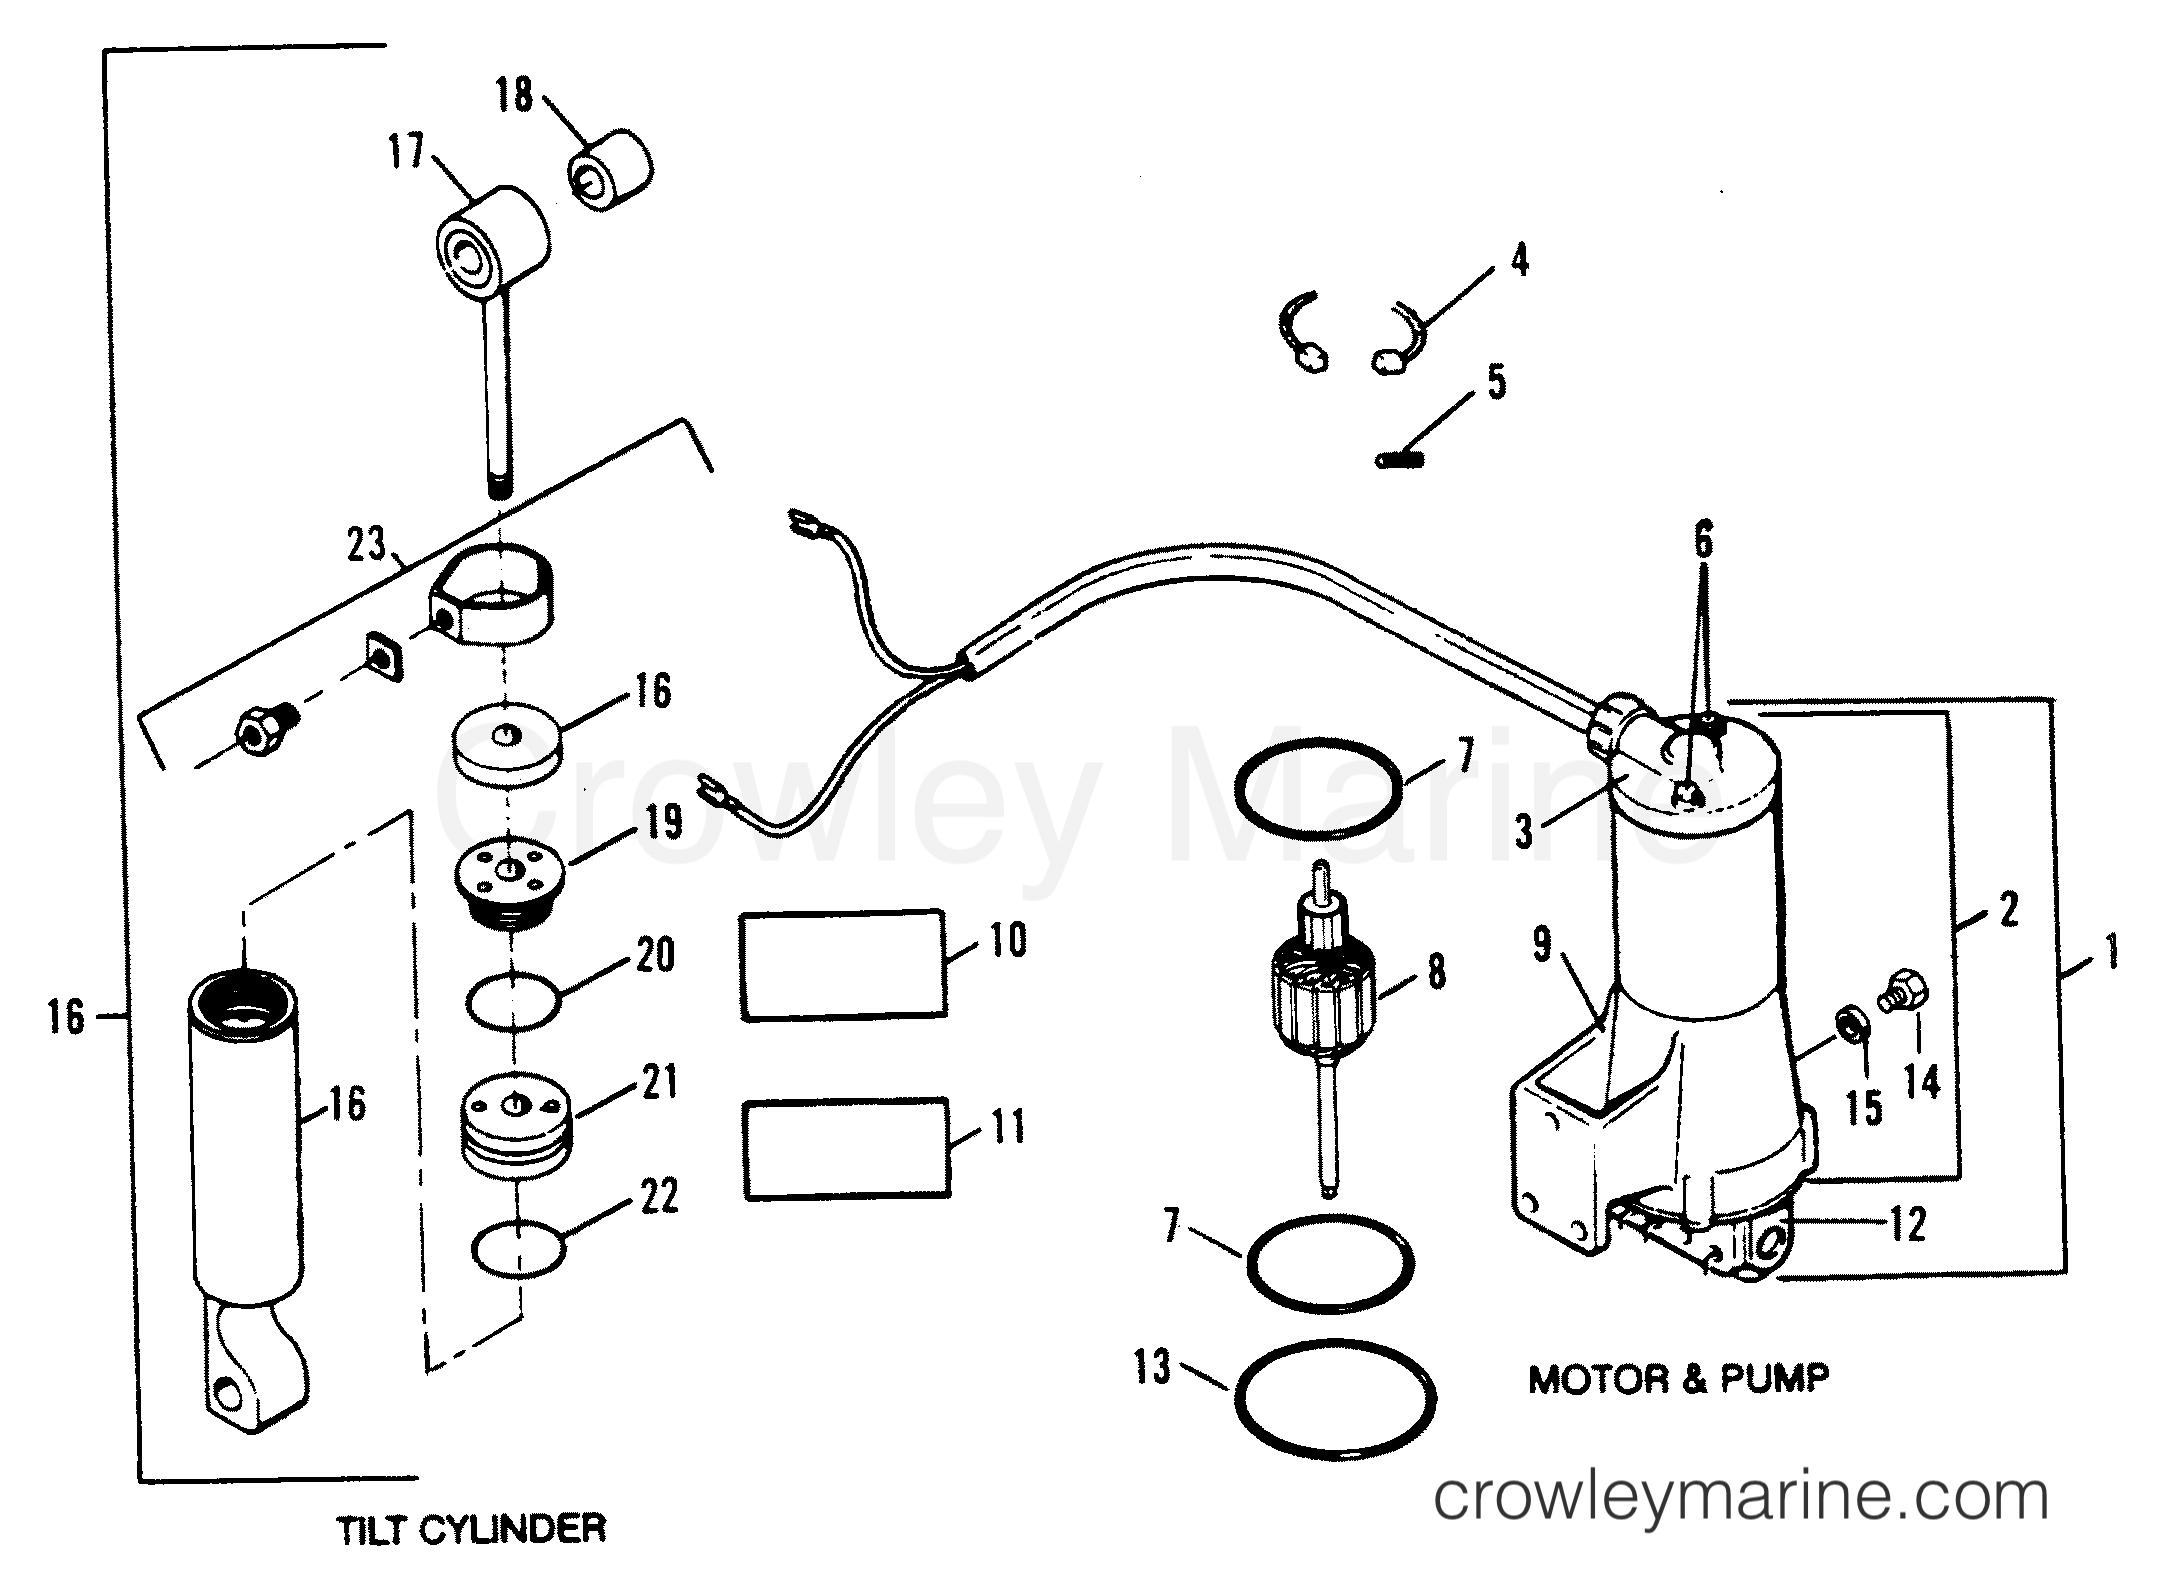 Tilt Cylinder    Motor And Pump